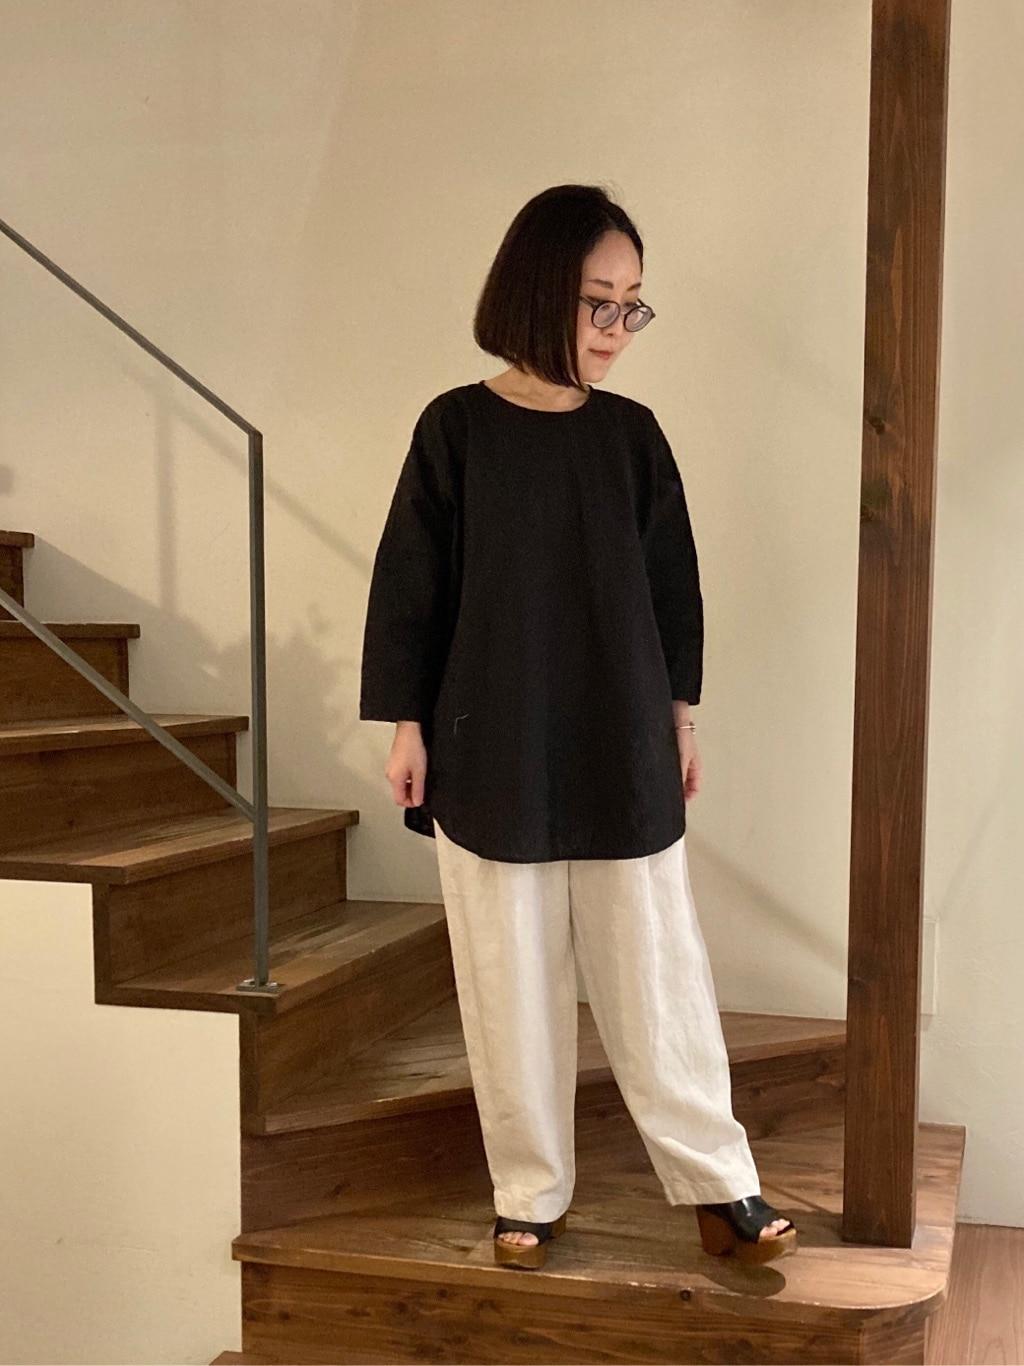 yuni 京都路面 身長:152cm 2021.05.20